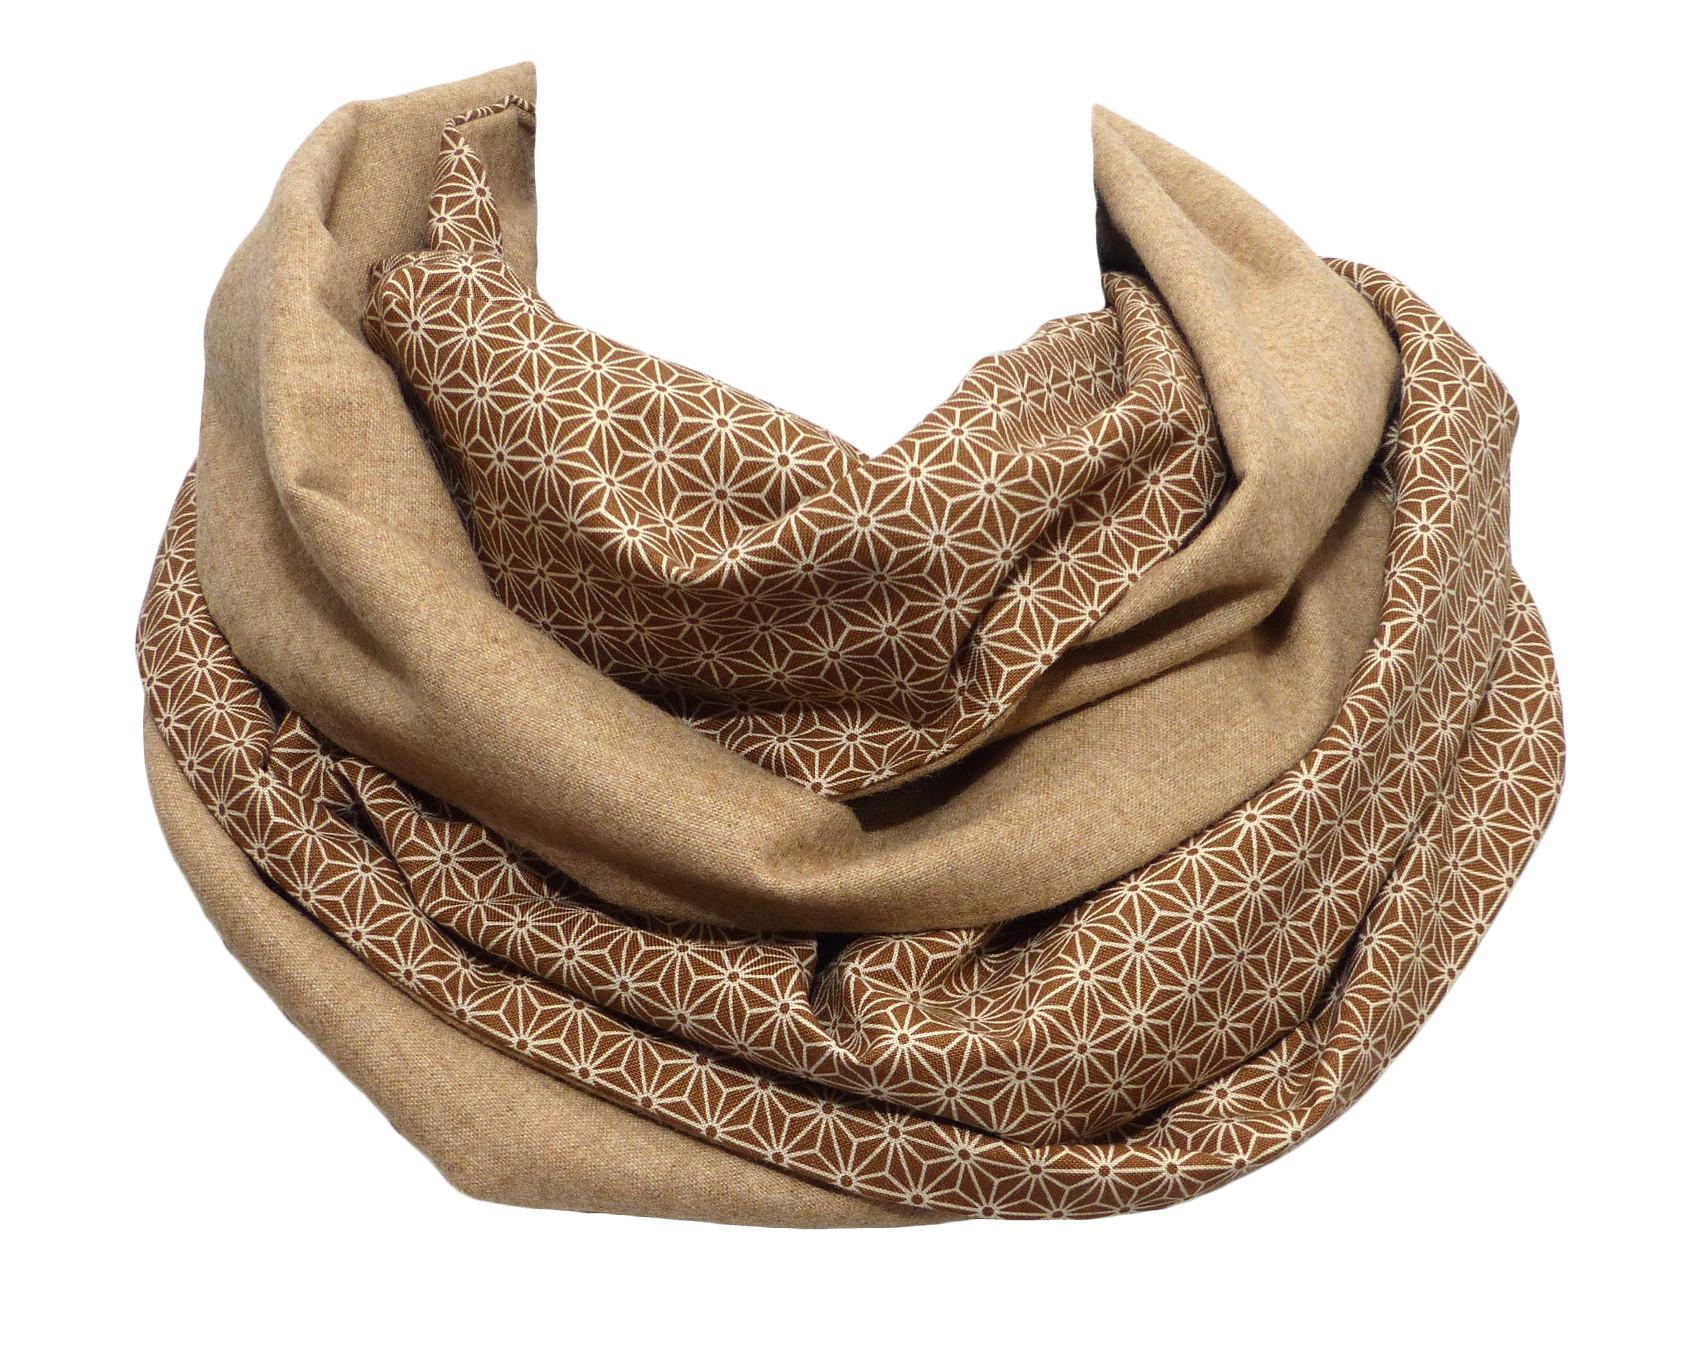 echarpe beige en laine et coton, côté uni et côté avec motif étoiles  japonais 4a3710e94ad